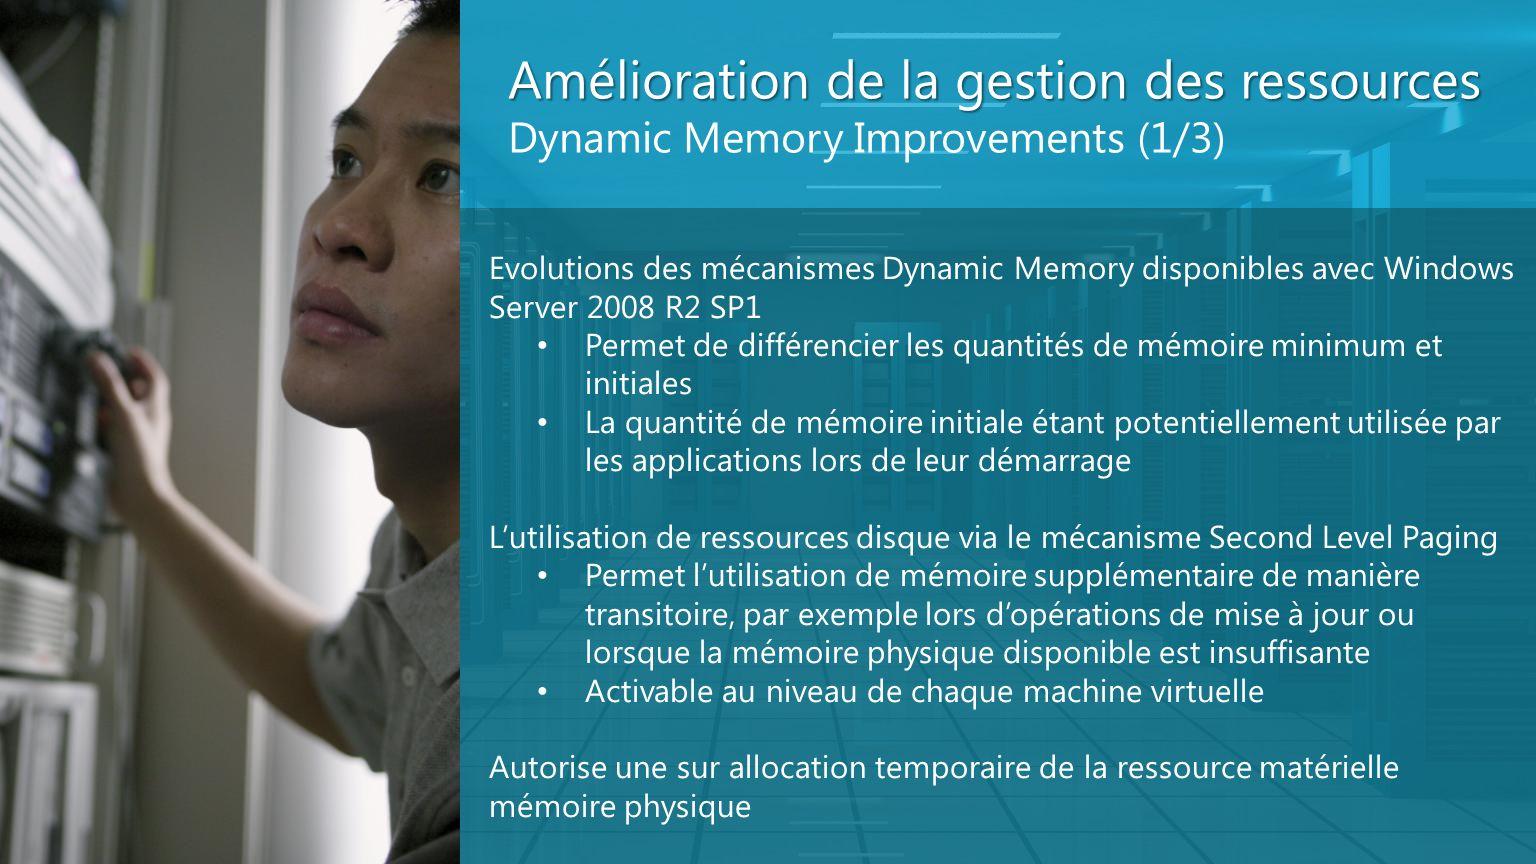 Amélioration de la gestion des ressources Dynamic Memory Improvements (1/3) Evolutions des mécanismes Dynamic Memory disponibles avec Windows Server 2